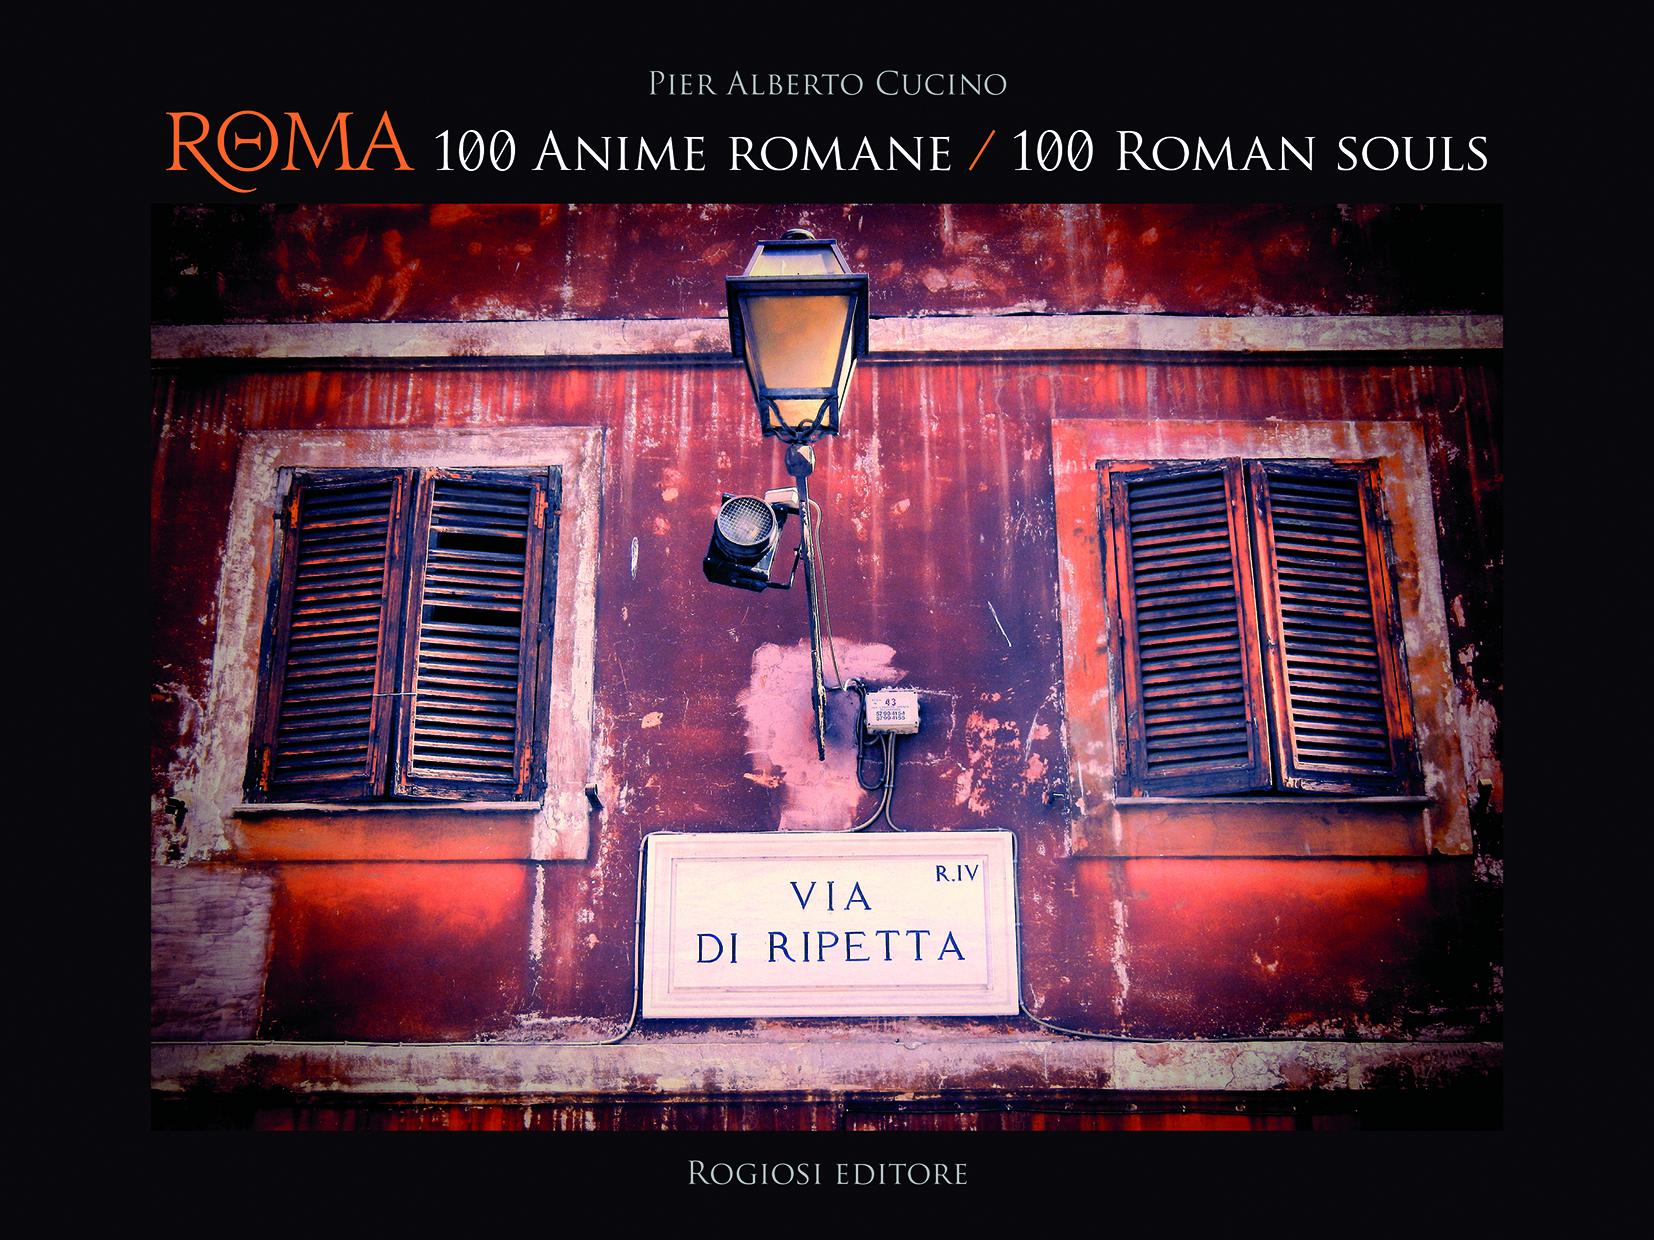 Roma 100 Anime romane / 100 Roman souls